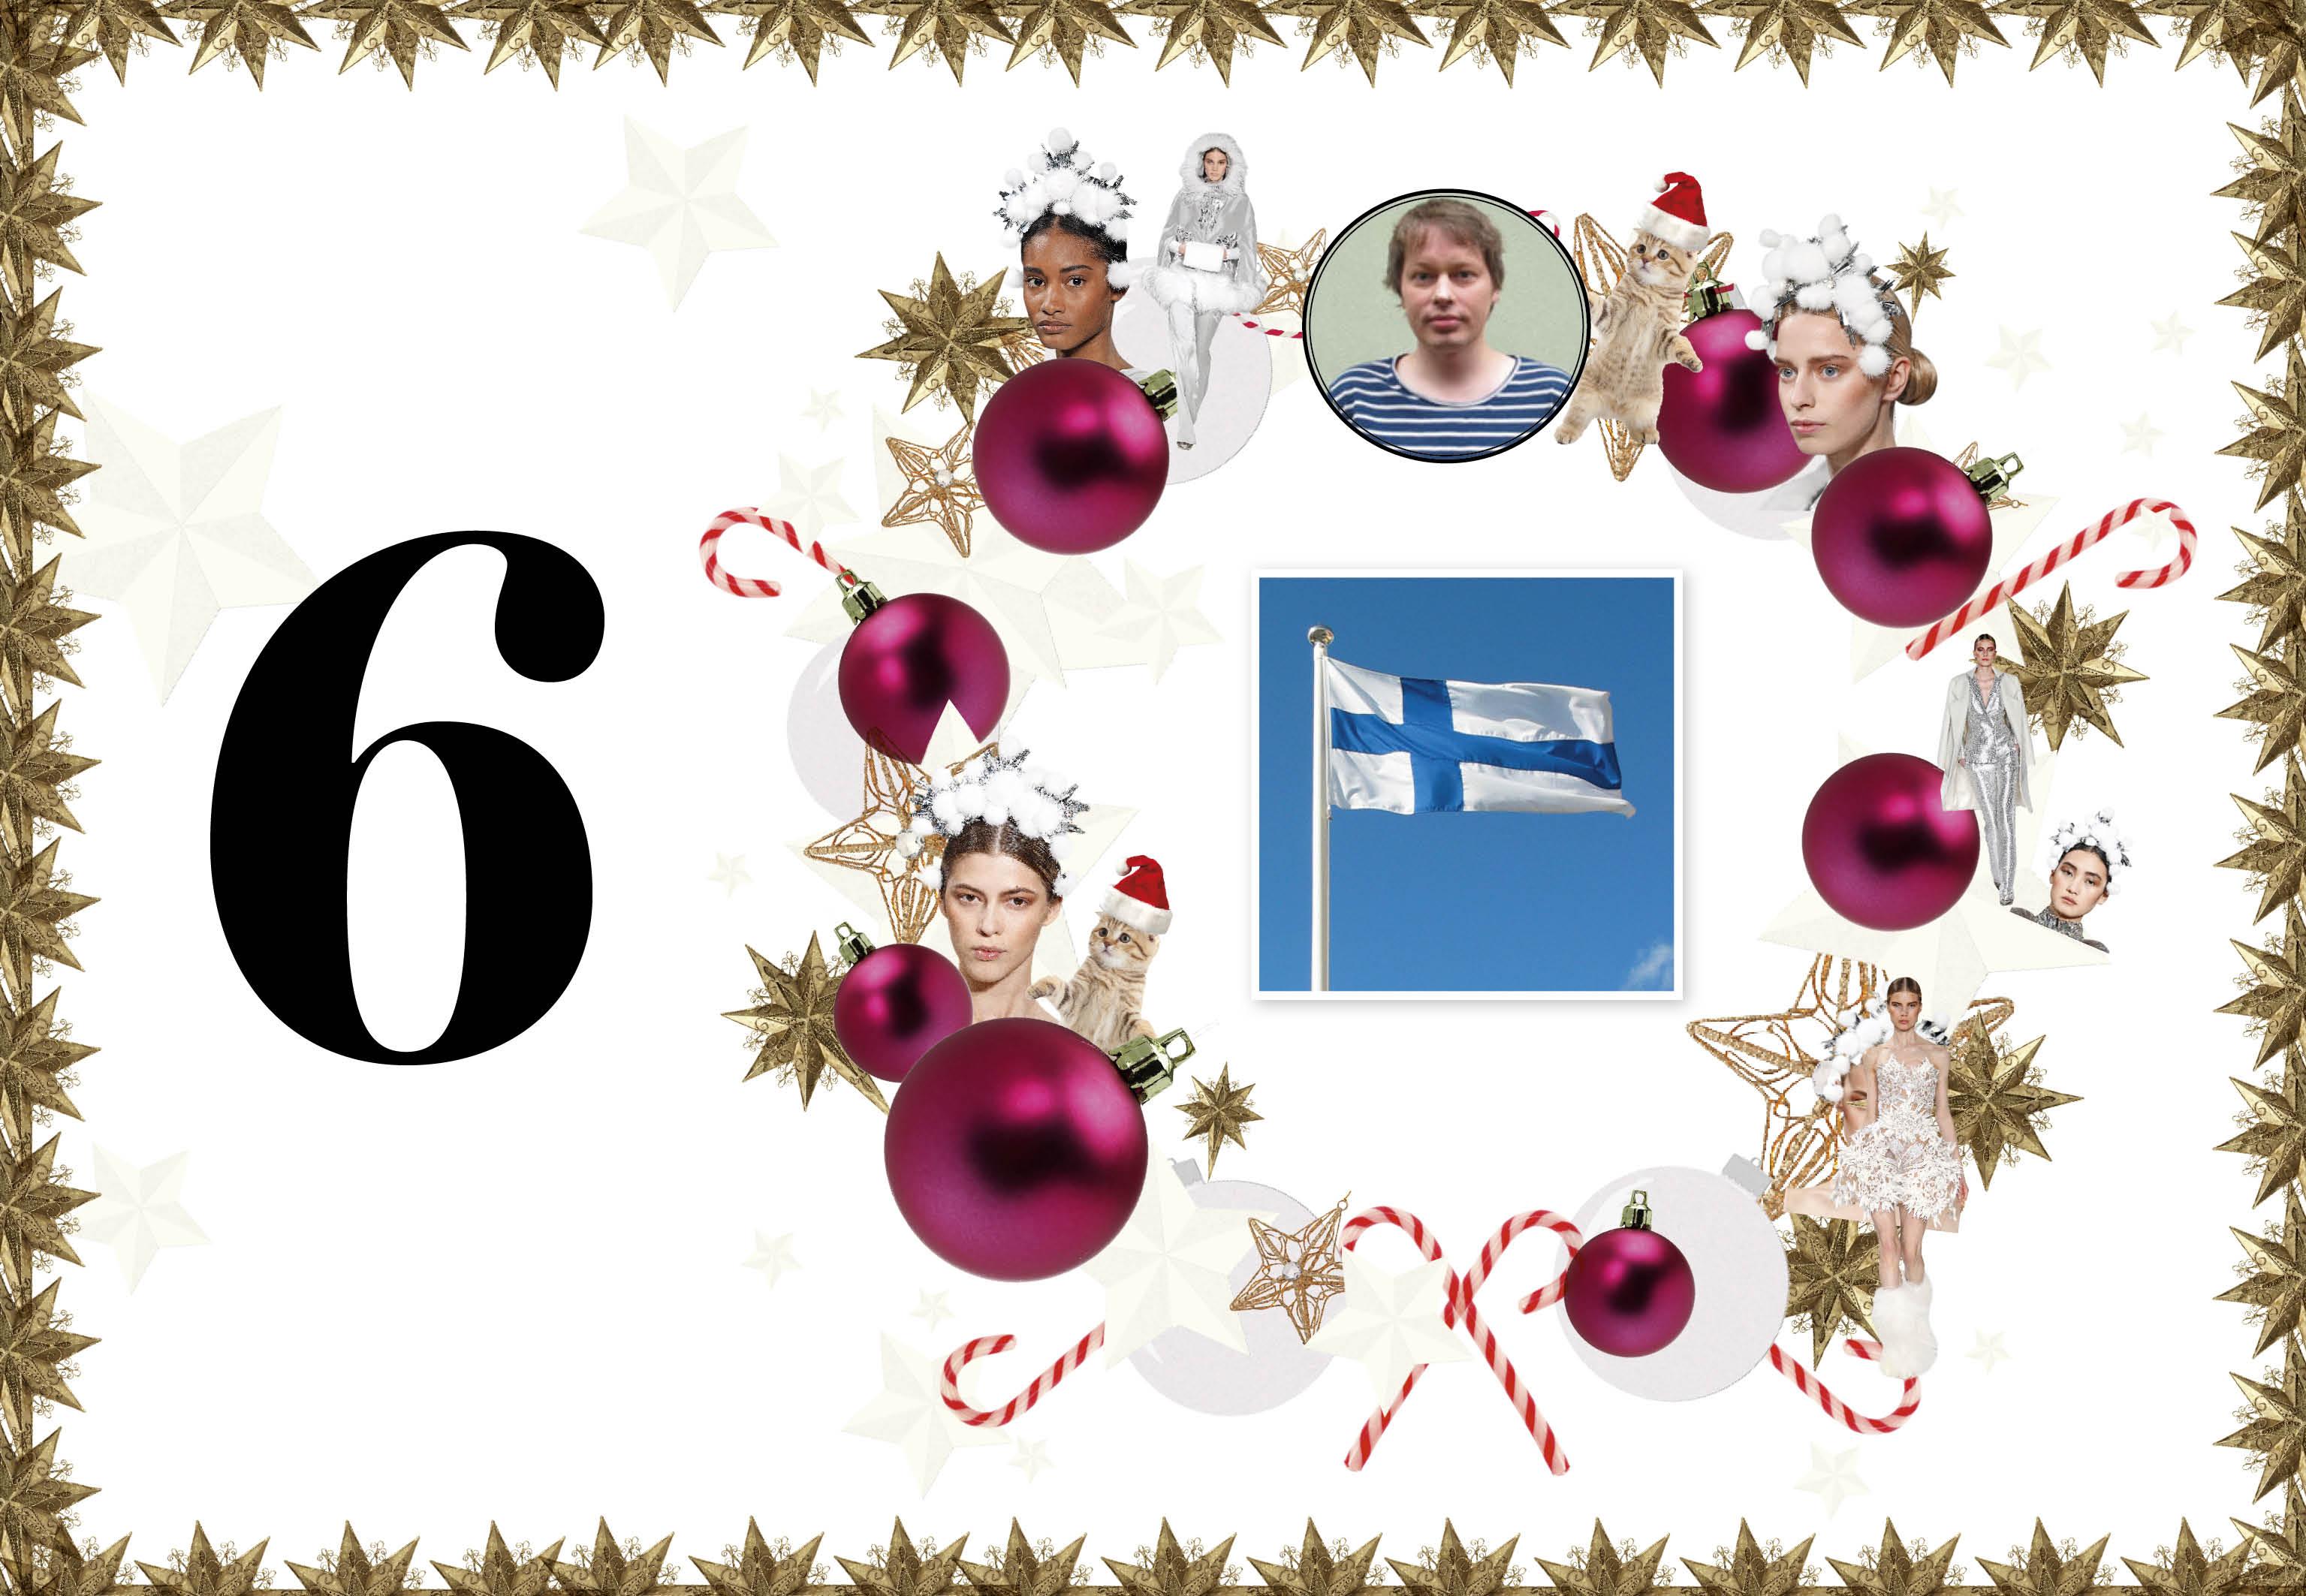 joulukalenteri_luukku6.jpg